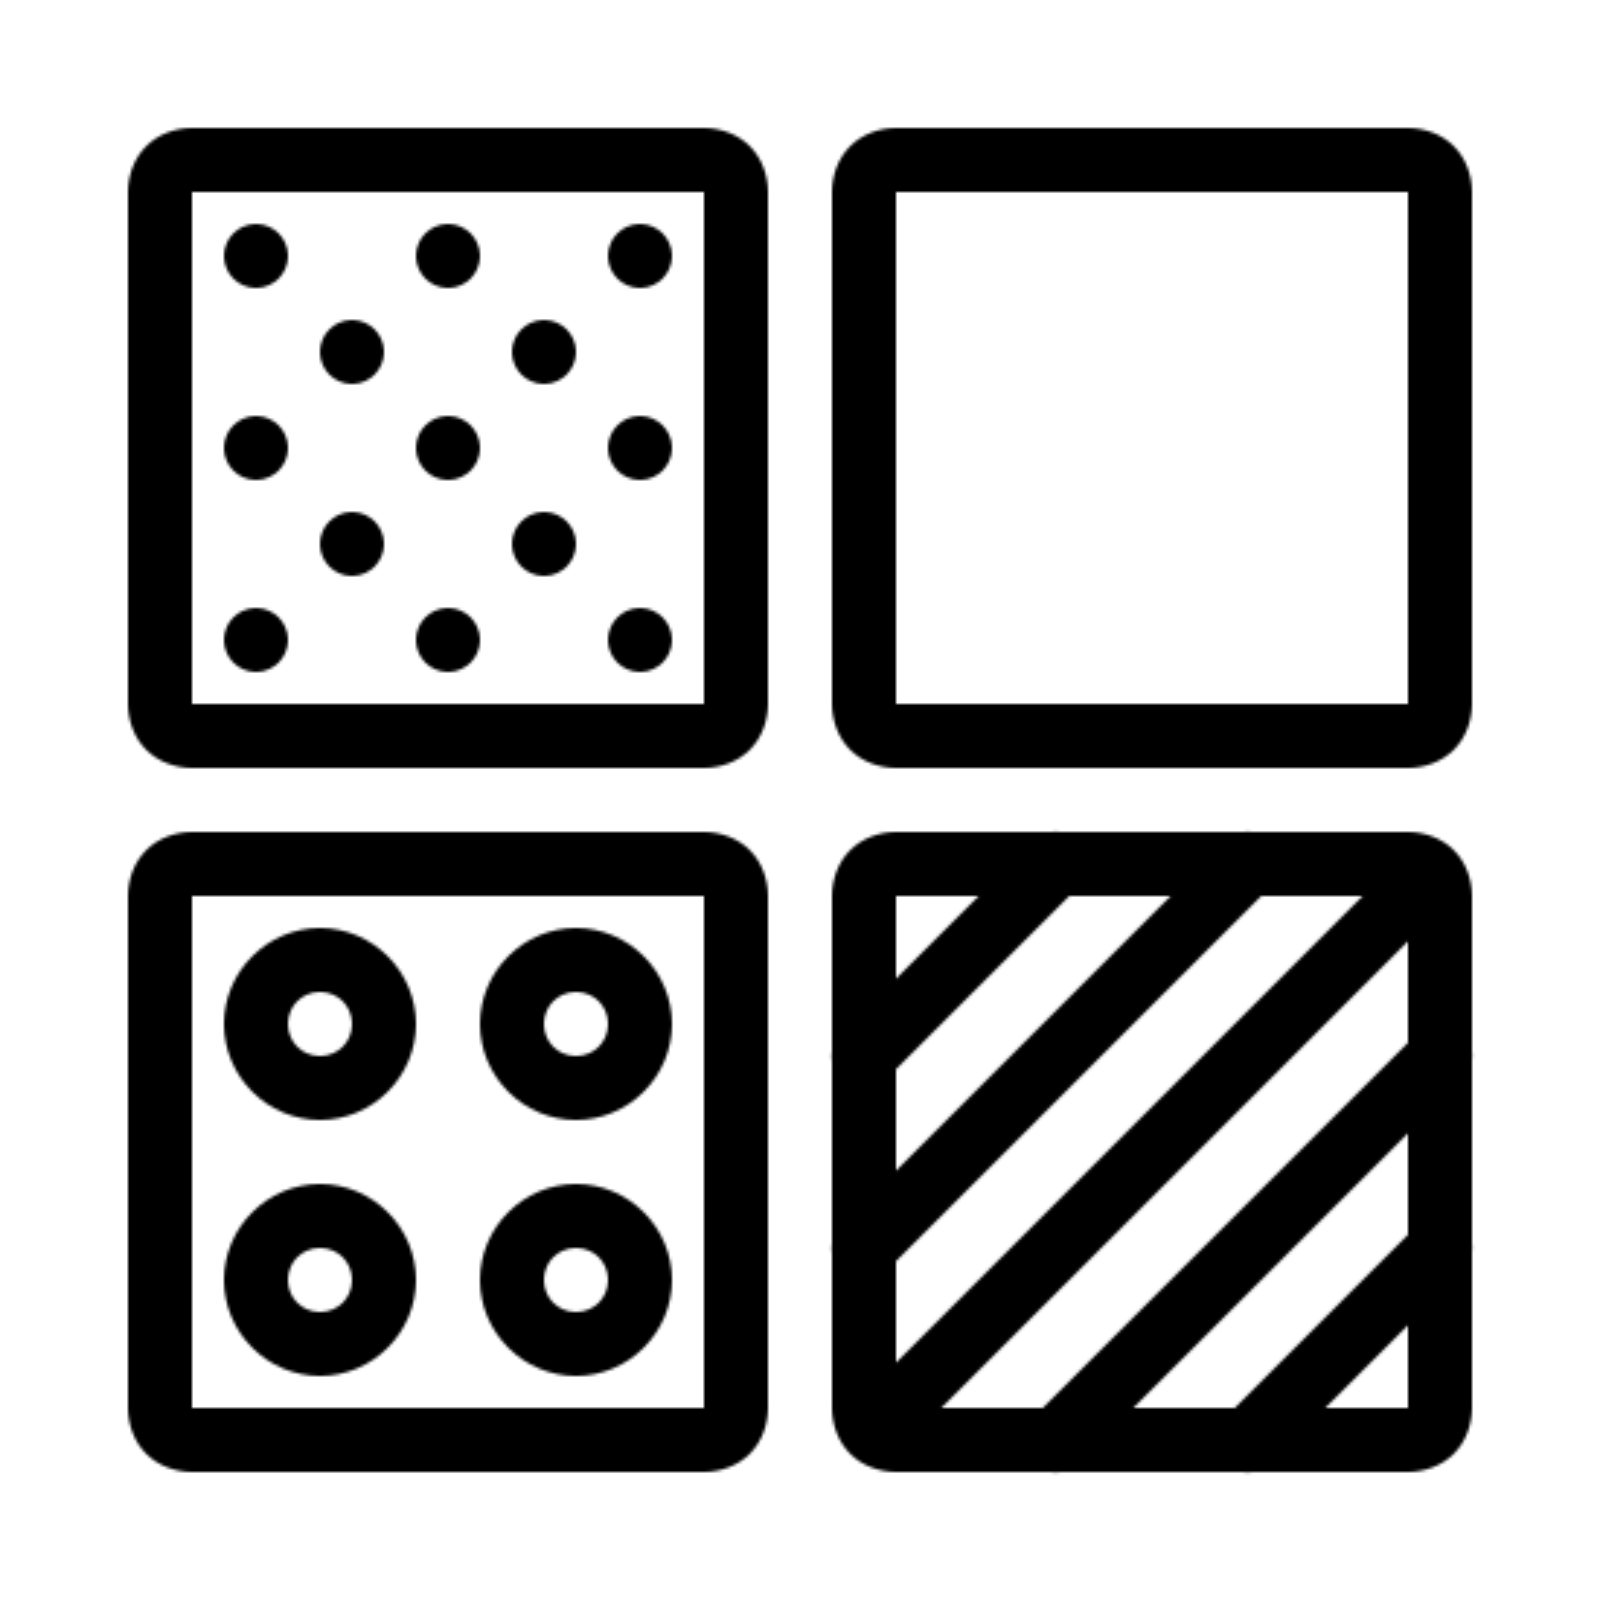 分類 icon. This is a picture of four small squares in organized to make a big square. The top right square has small black dots all over.The square to the right is an empty white box. the small box below the white box has lines going sideways, the box to the left of this box has four circles inside